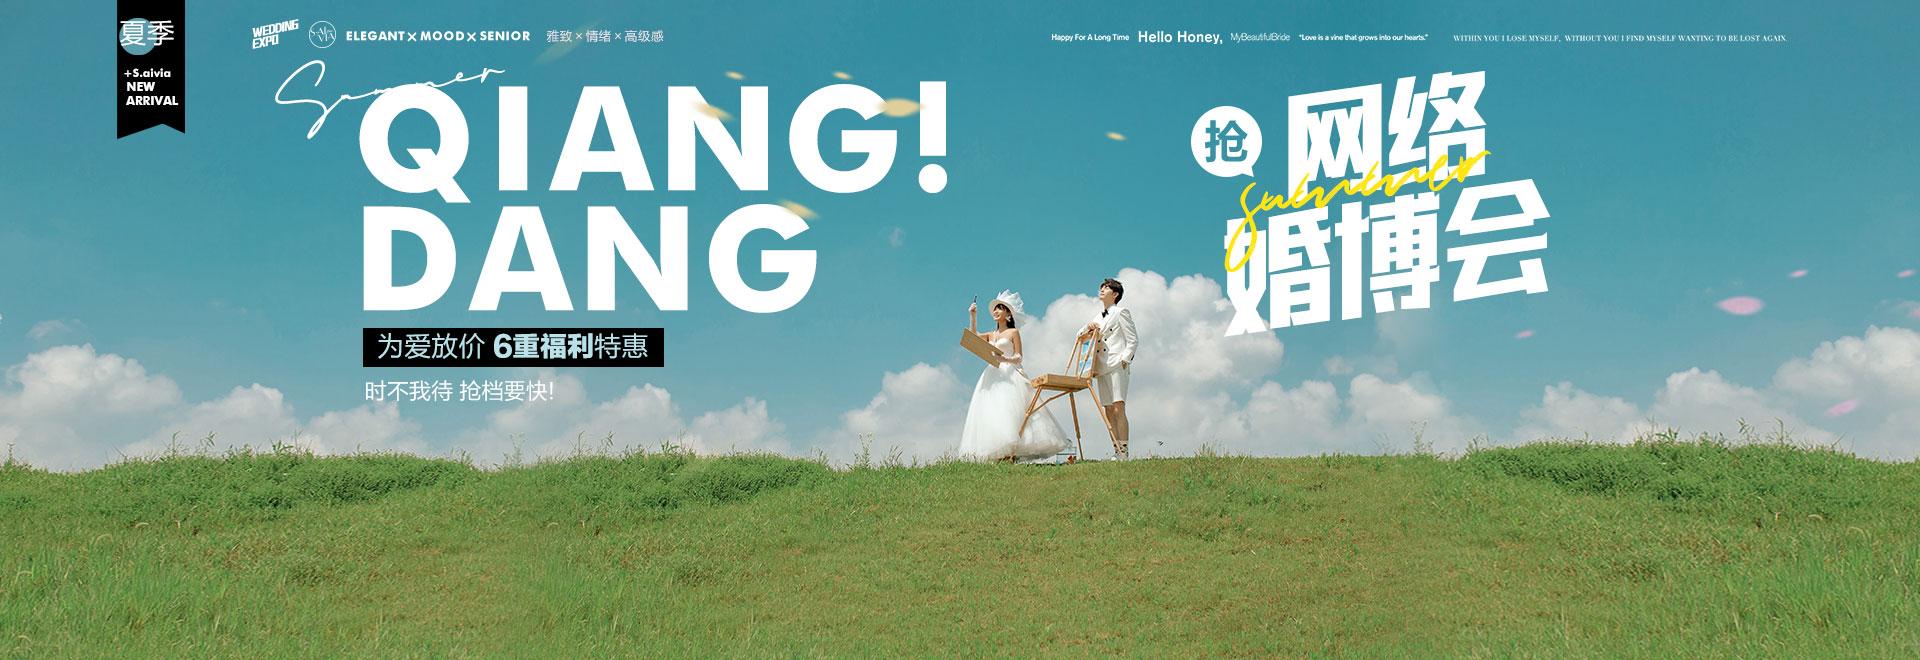 网络婚嫁节